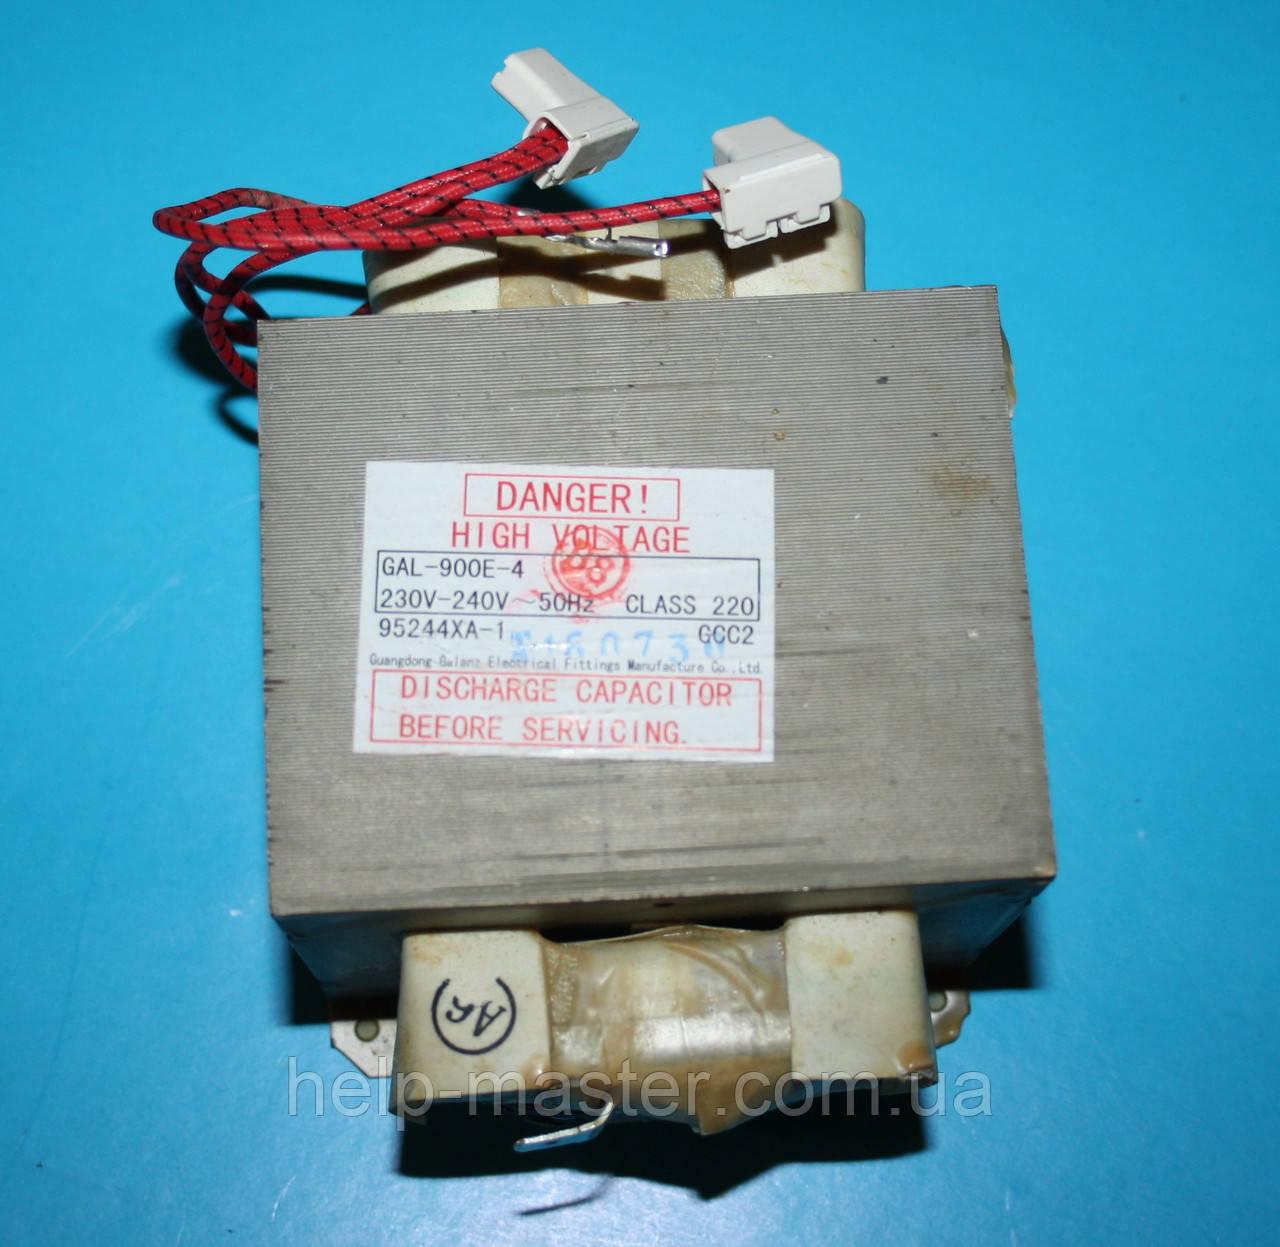 Трансформатор силовой GAL-900E-4